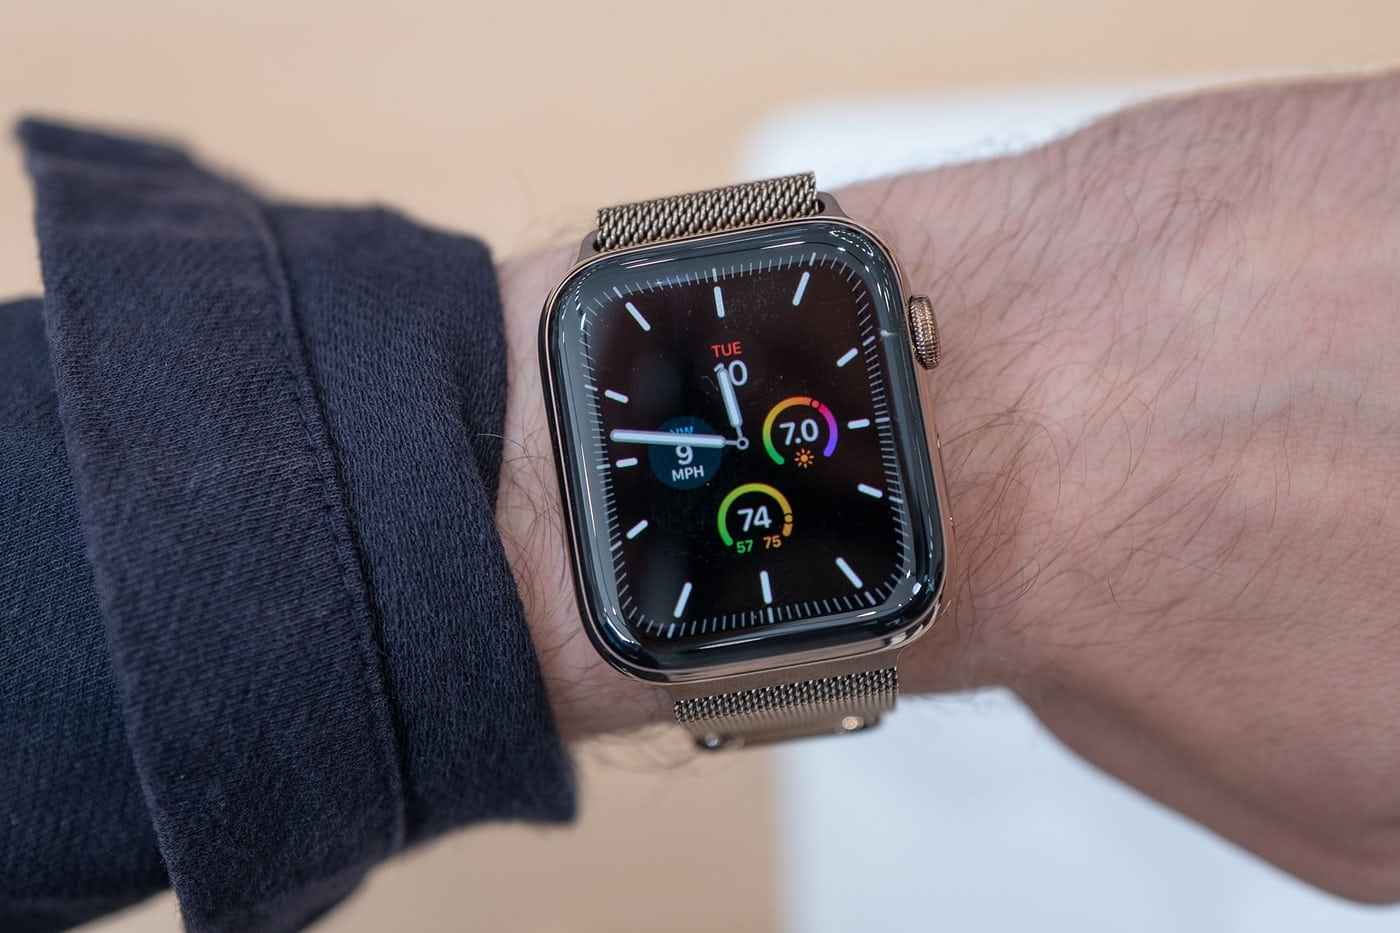 apple watch 5 khong an tuong tao khuyet khai tu series 4